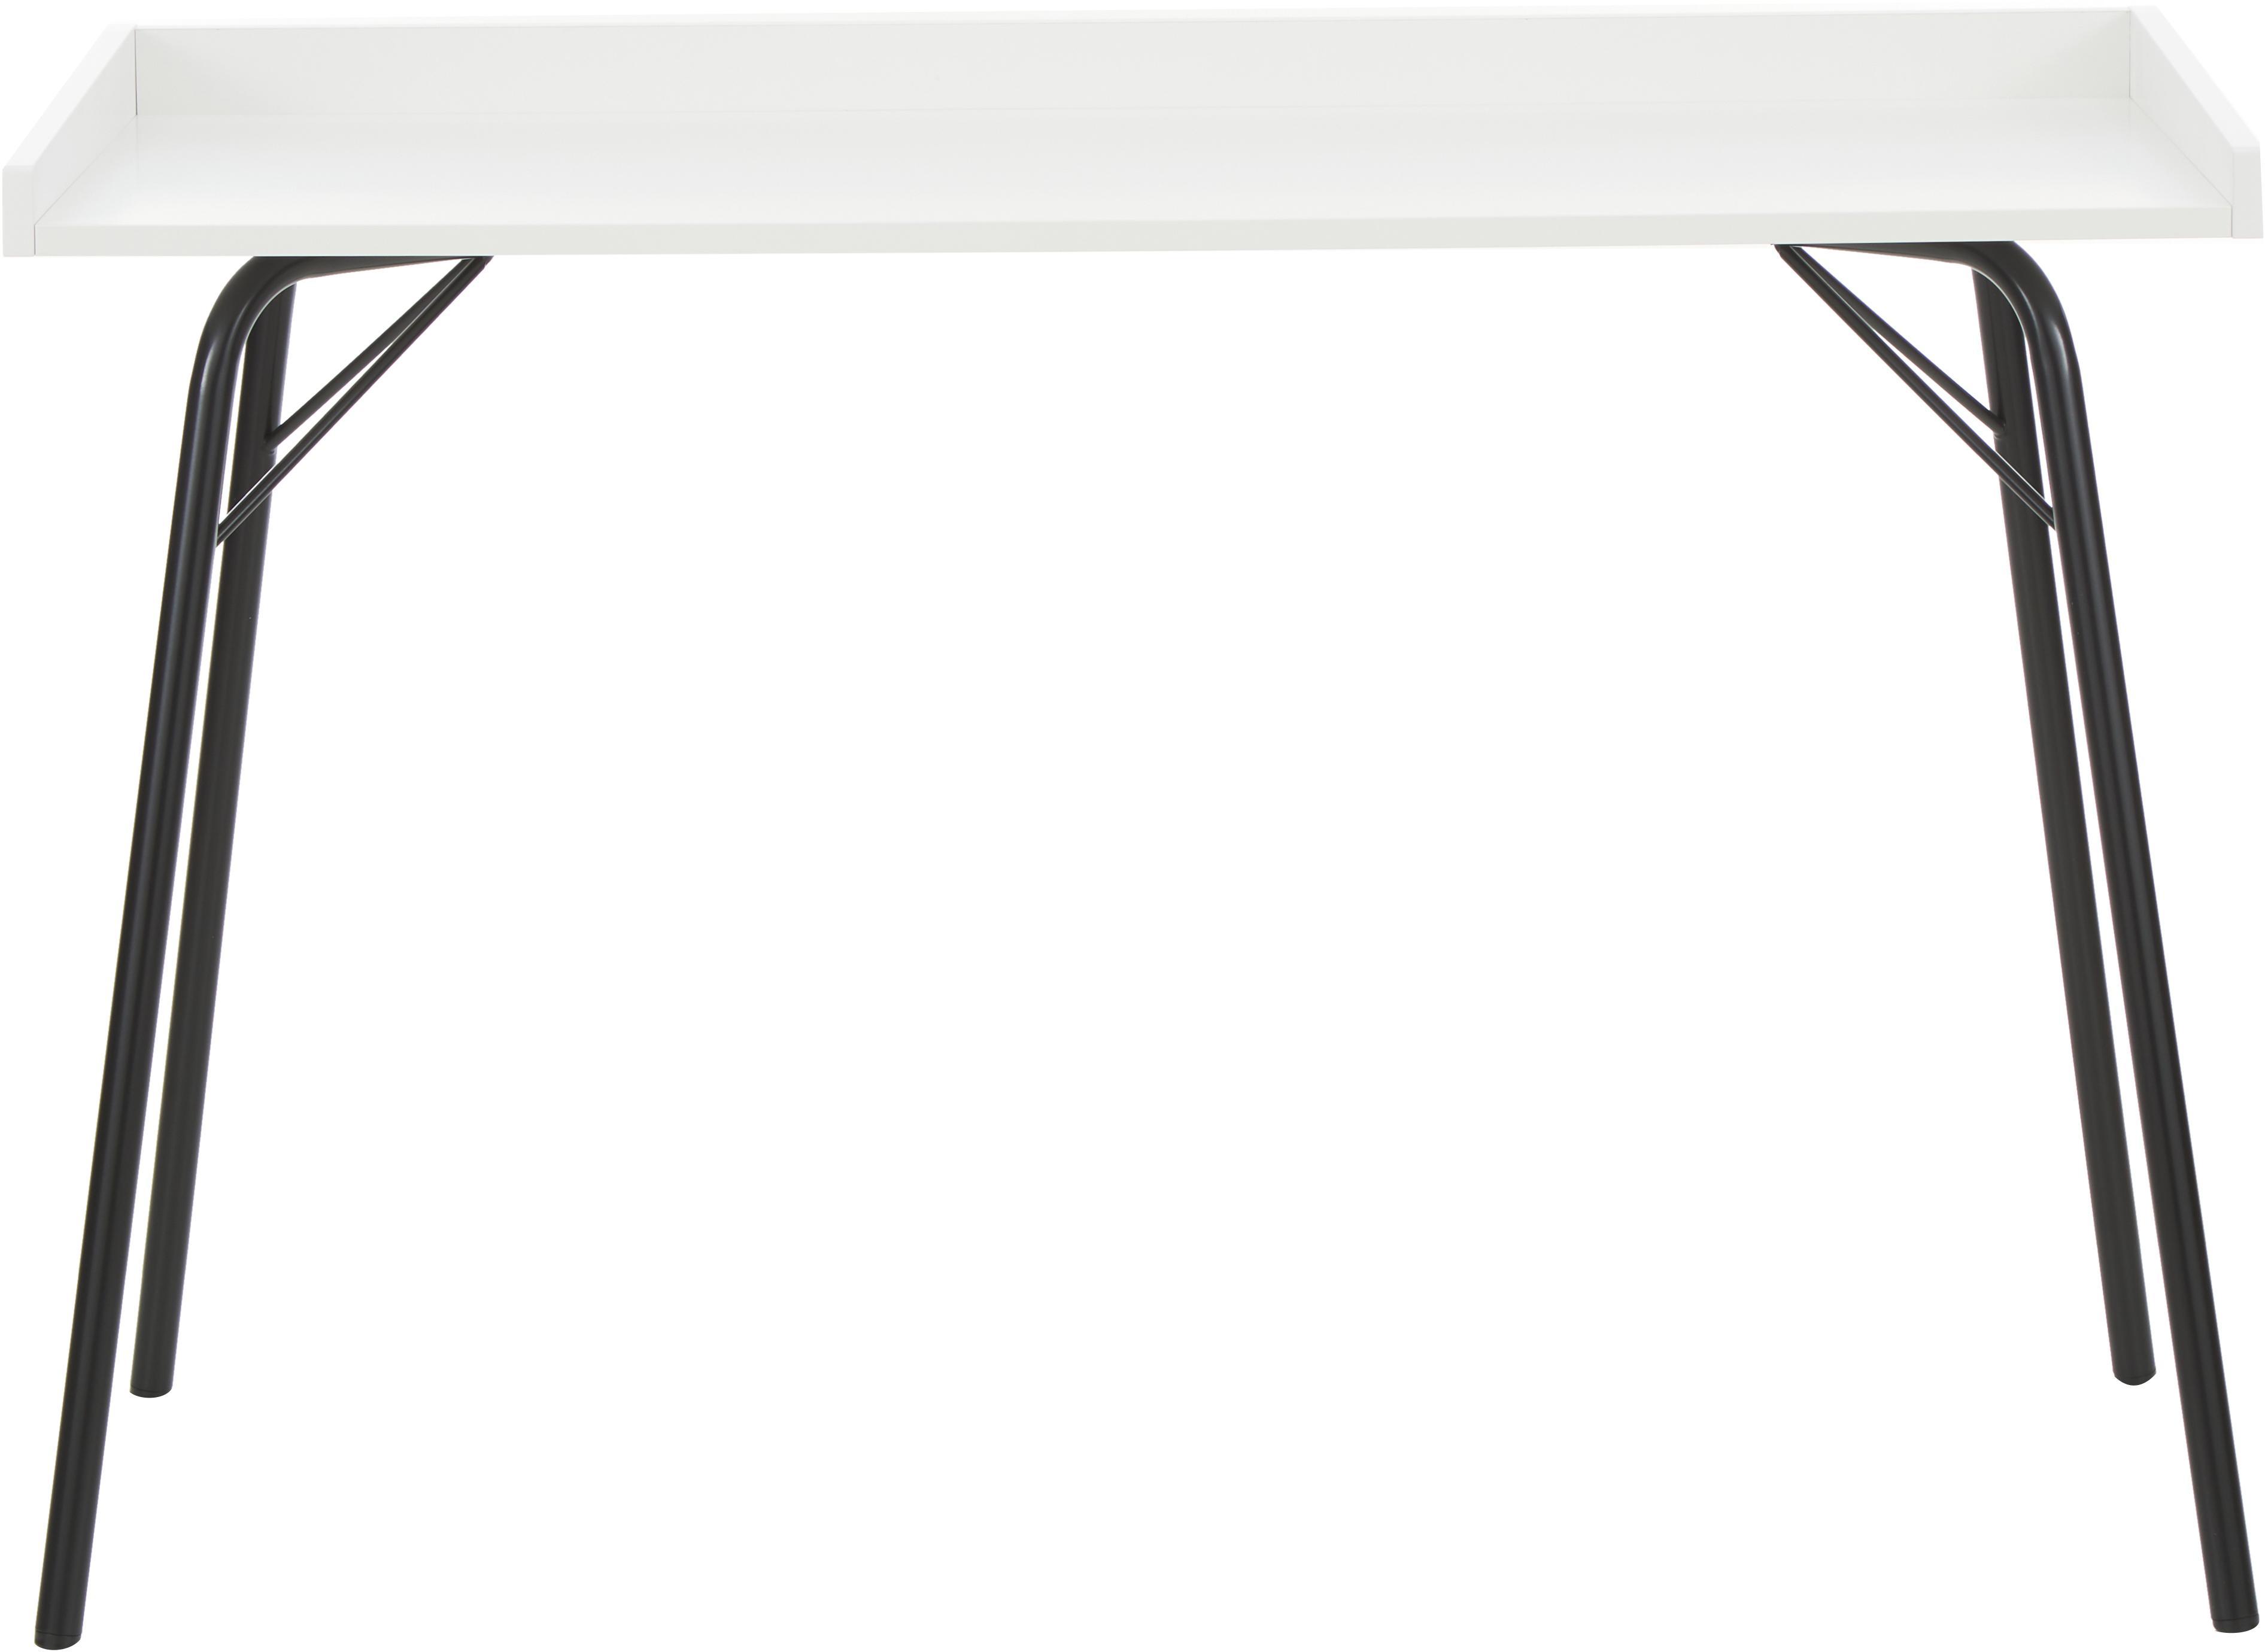 Scrivania con piano bianco Rayburn, Piano d'appoggio: pannello di fibra a media, Struttura: metallo verniciato a polv, Bianco, Larg. 115 x Alt. 78 cm